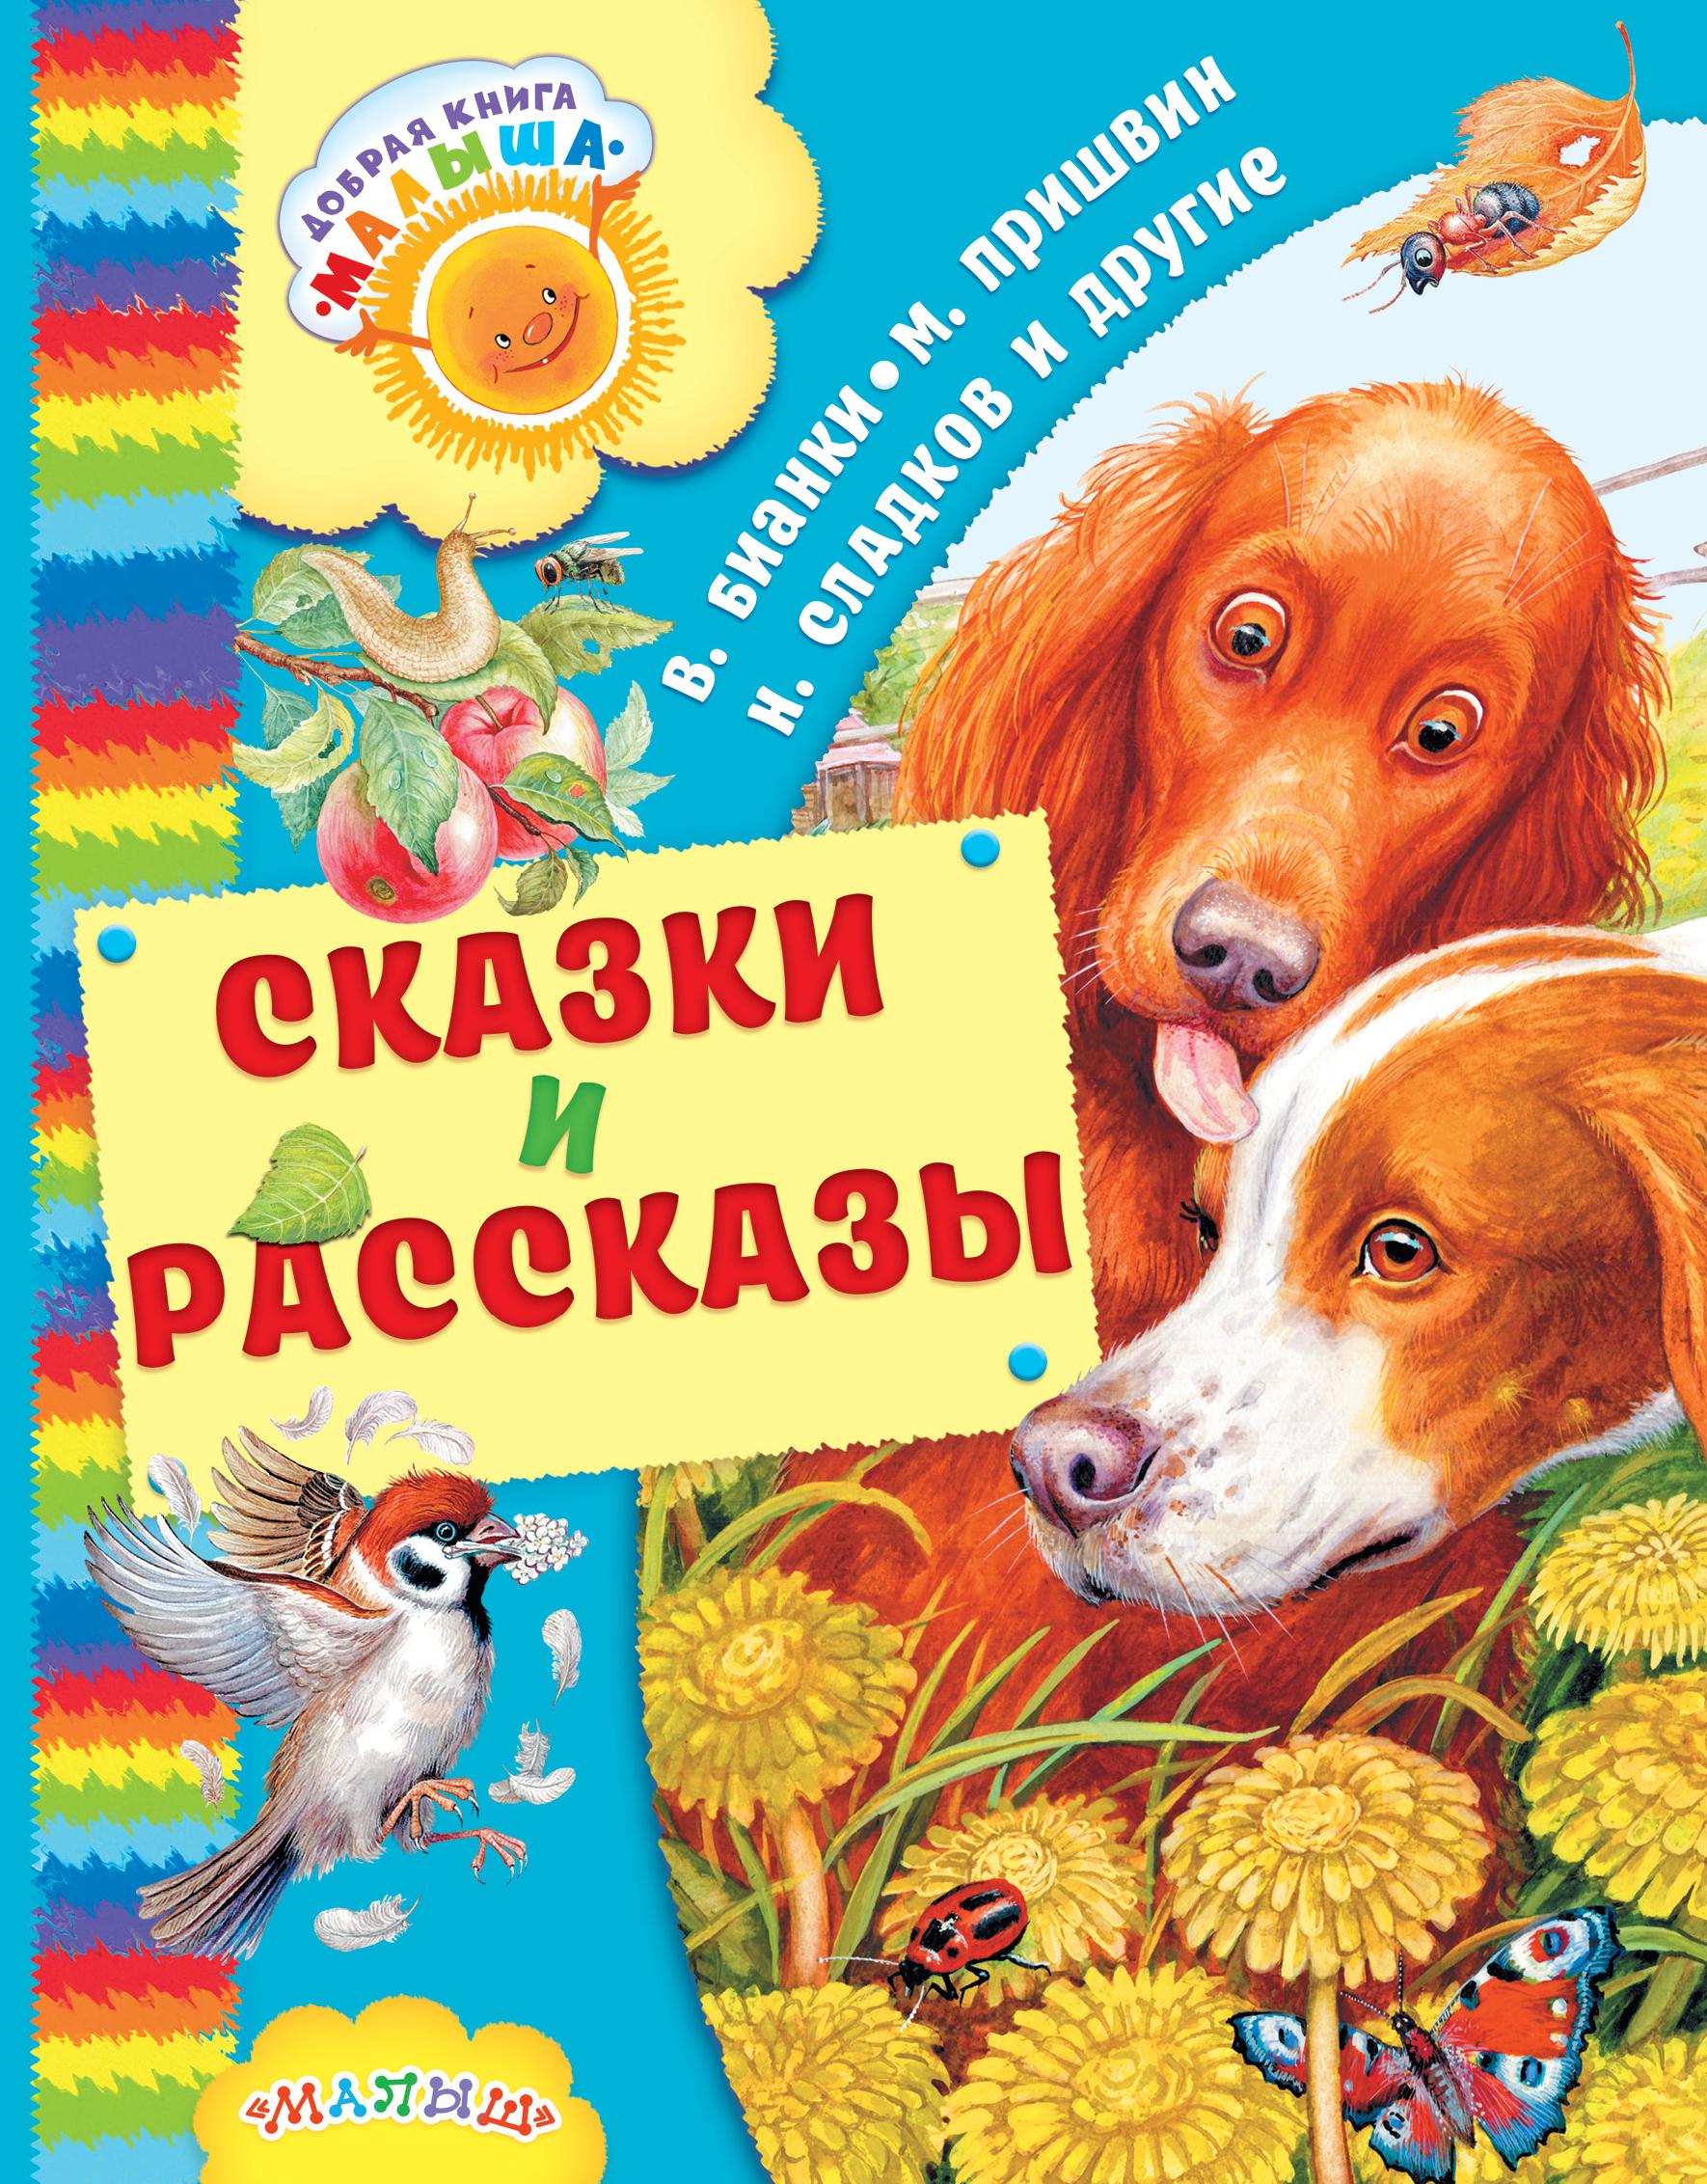 М. М. Пришвин Сказки и рассказы (сборник) м м пришвин лесные рассказы